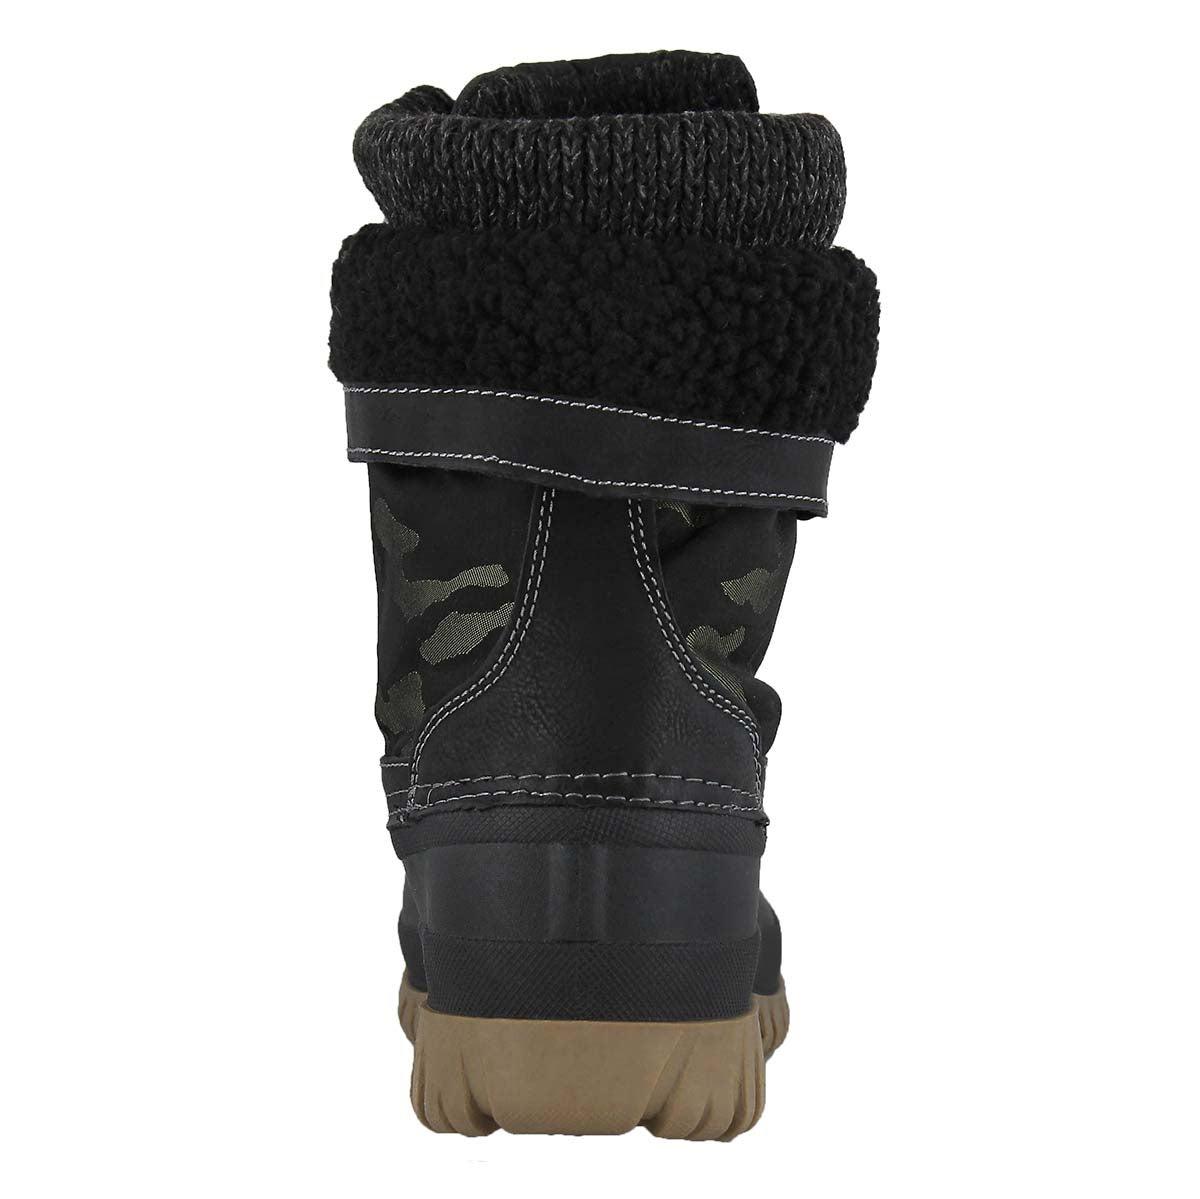 Lds Creek green camo wtpf winter boot